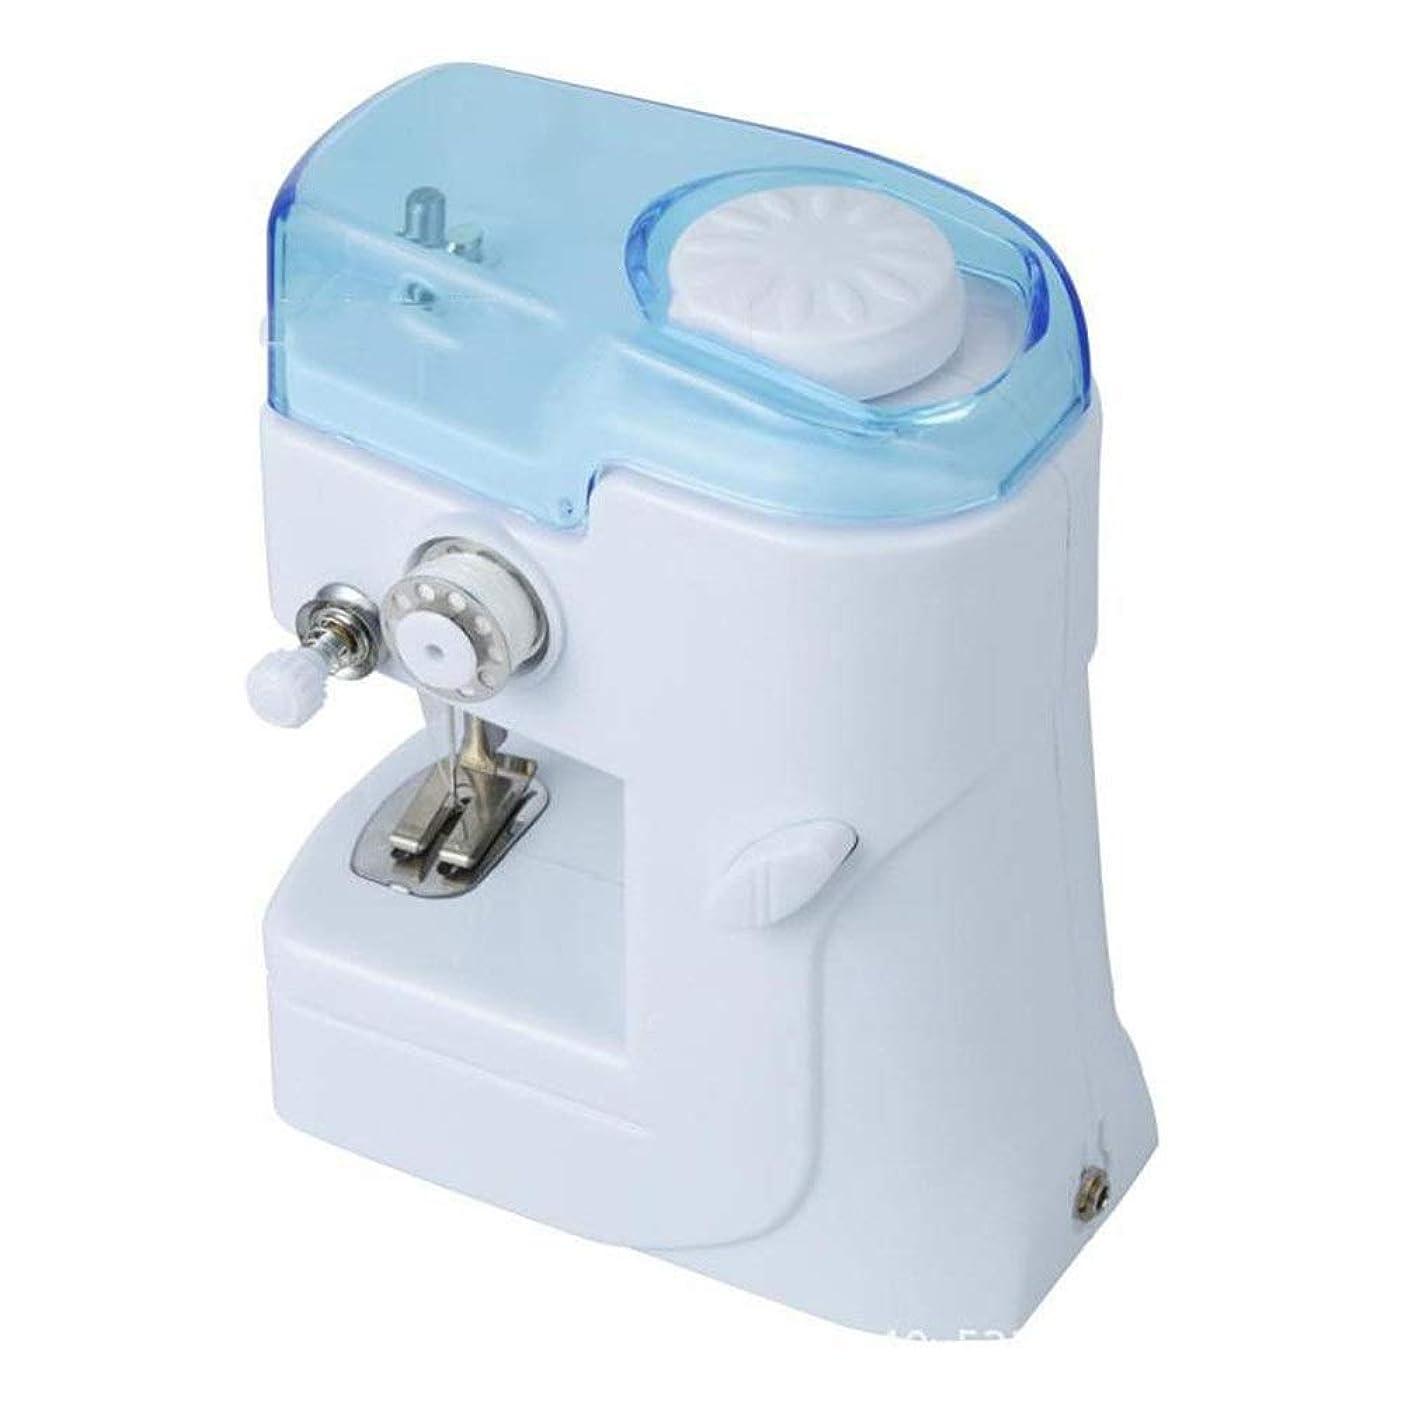 百印をつける理解するミシン 電動ミシン 軽量シングルスレッド電気ミシン多機能リニア子供のおもちゃのミシン 子供と初心者 (Color : White, Size : 13X8X16cm)